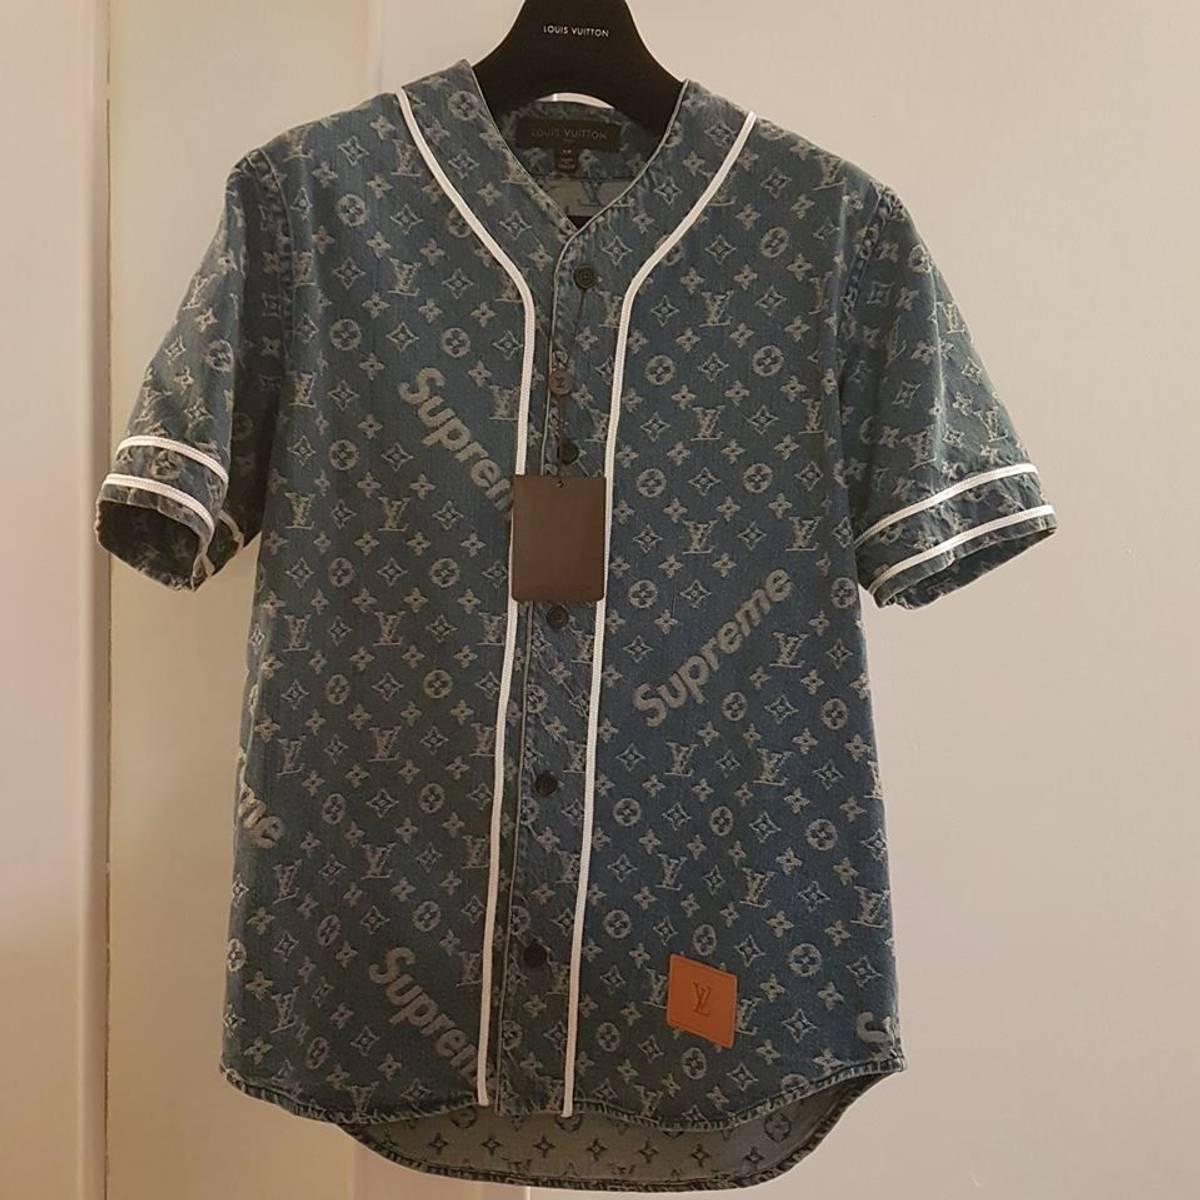 louis vuitton x supreme jacket. supreme x louis vuitton baseball shirt - photo 1/7 jacket